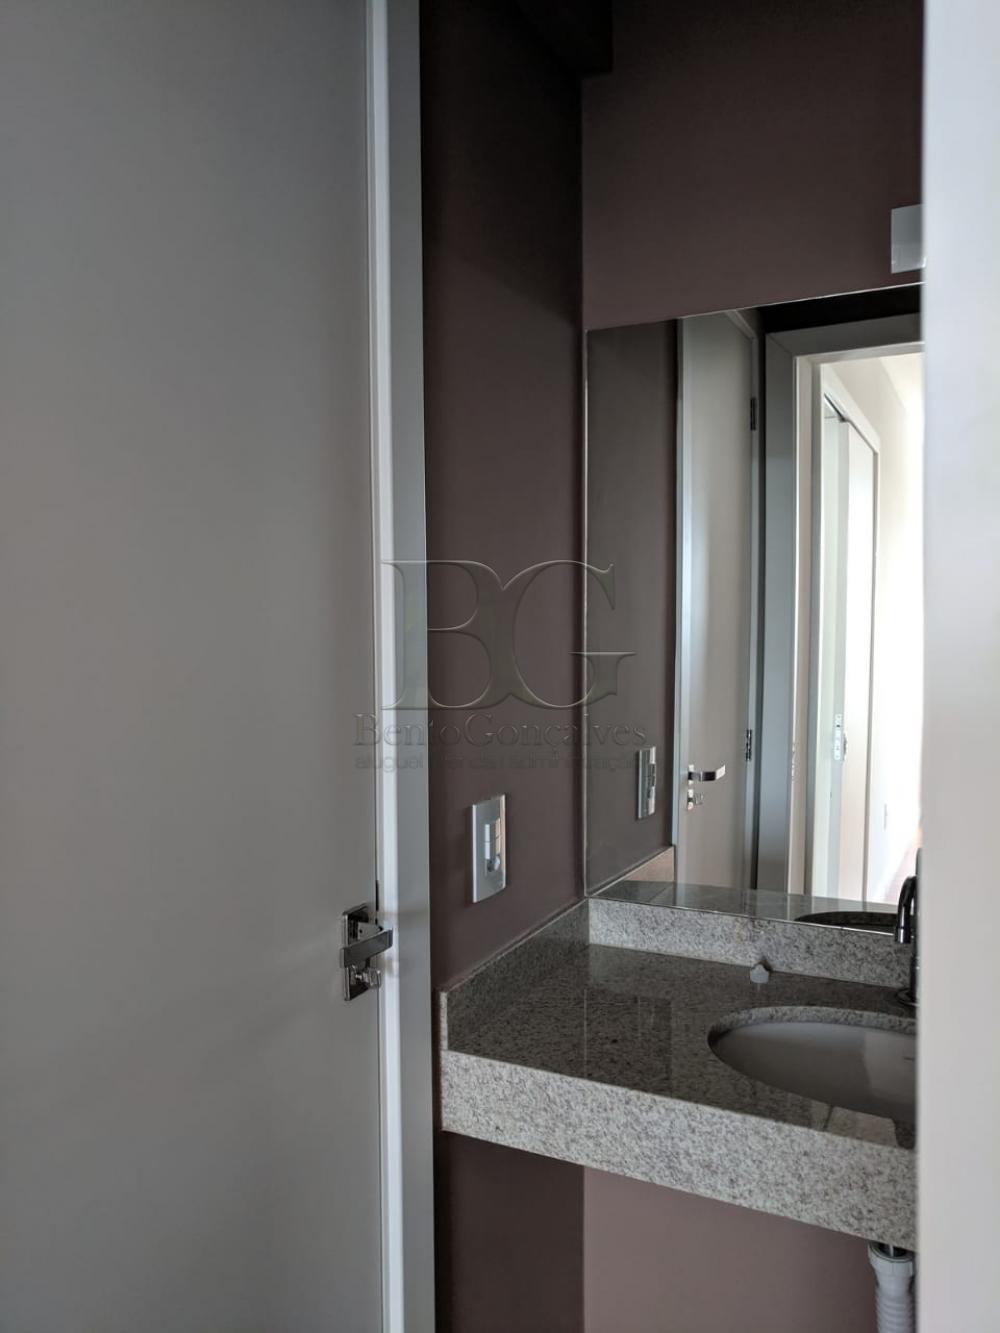 Comprar Apartamentos / Padrão em Poços de Caldas apenas R$ 225.000,00 - Foto 7